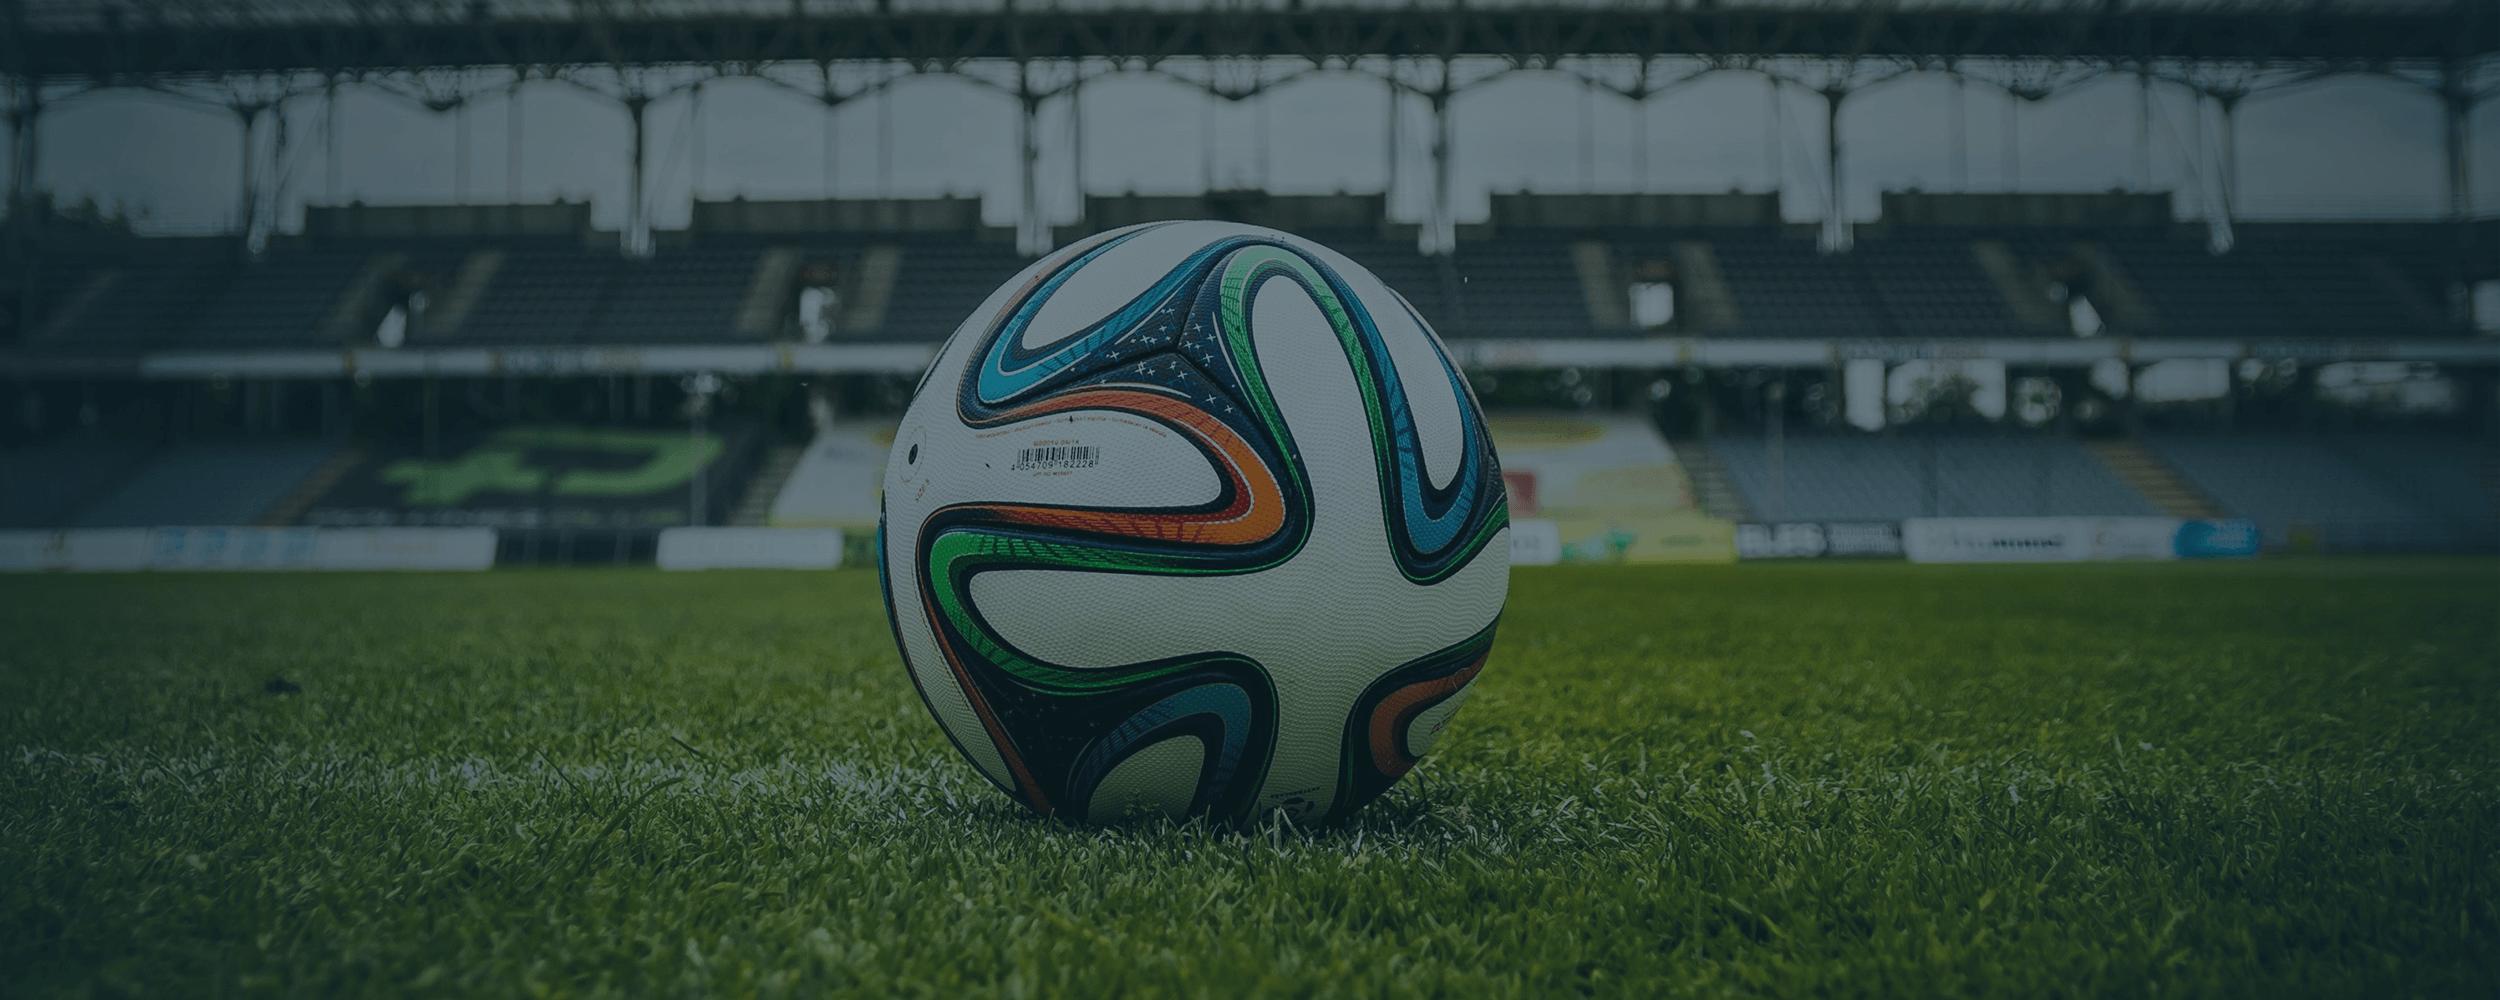 Times Scrum – Quem não sonhou em ser um jogador de futebol?